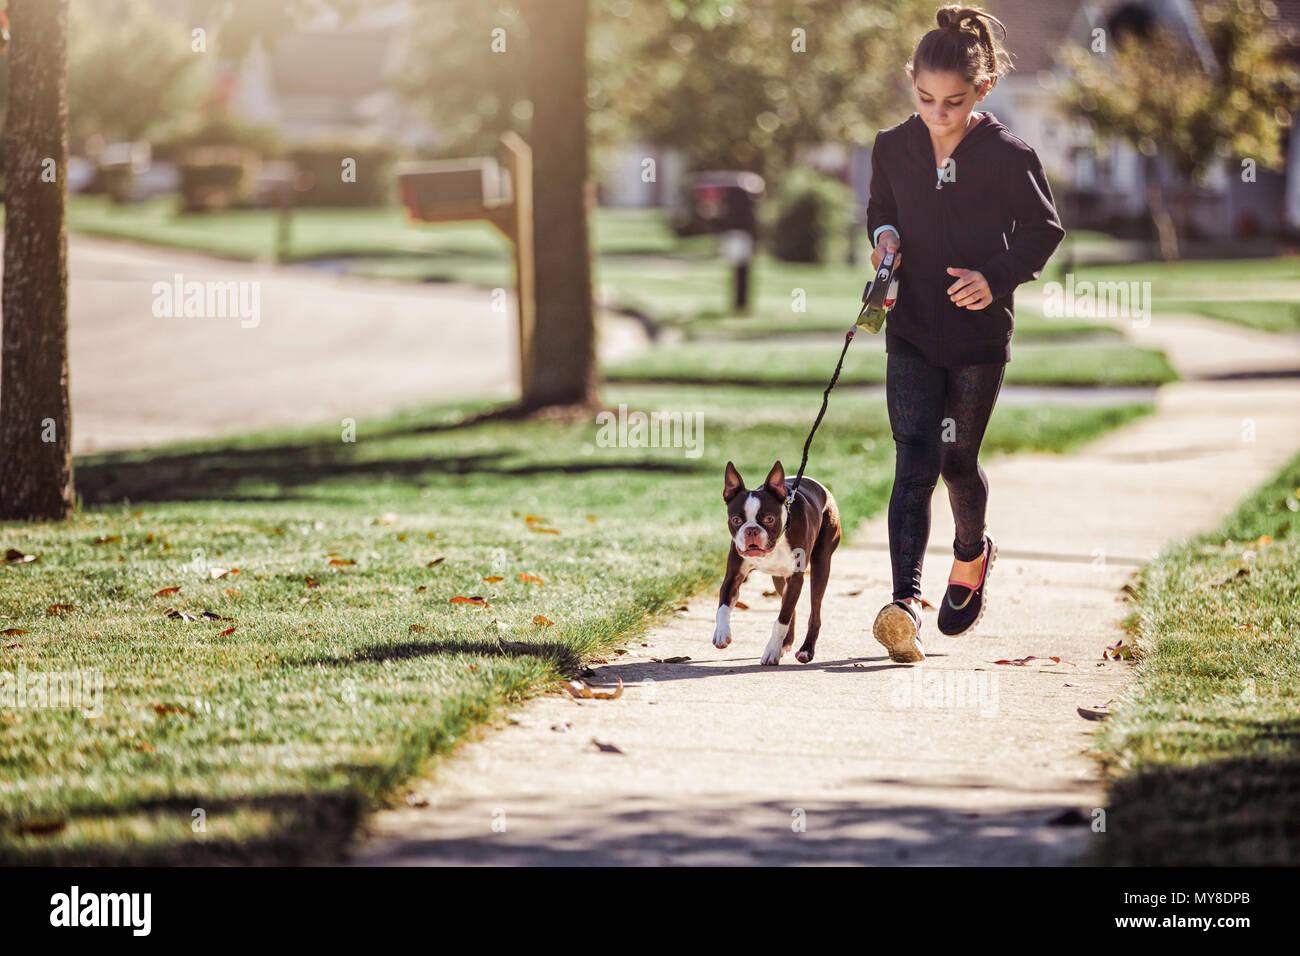 Ragazza giovane, cane a camminare lungo il percorso Immagini Stock